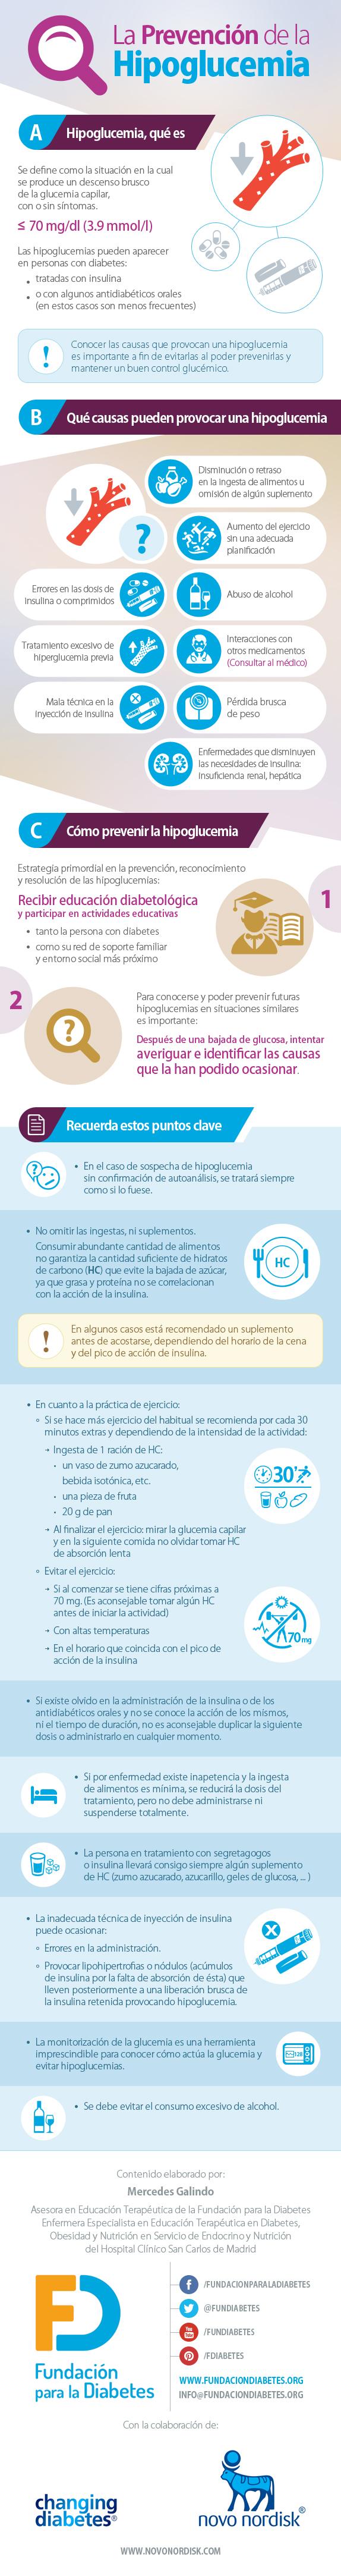 Infografía sobre la prevención de la hipoglucemia